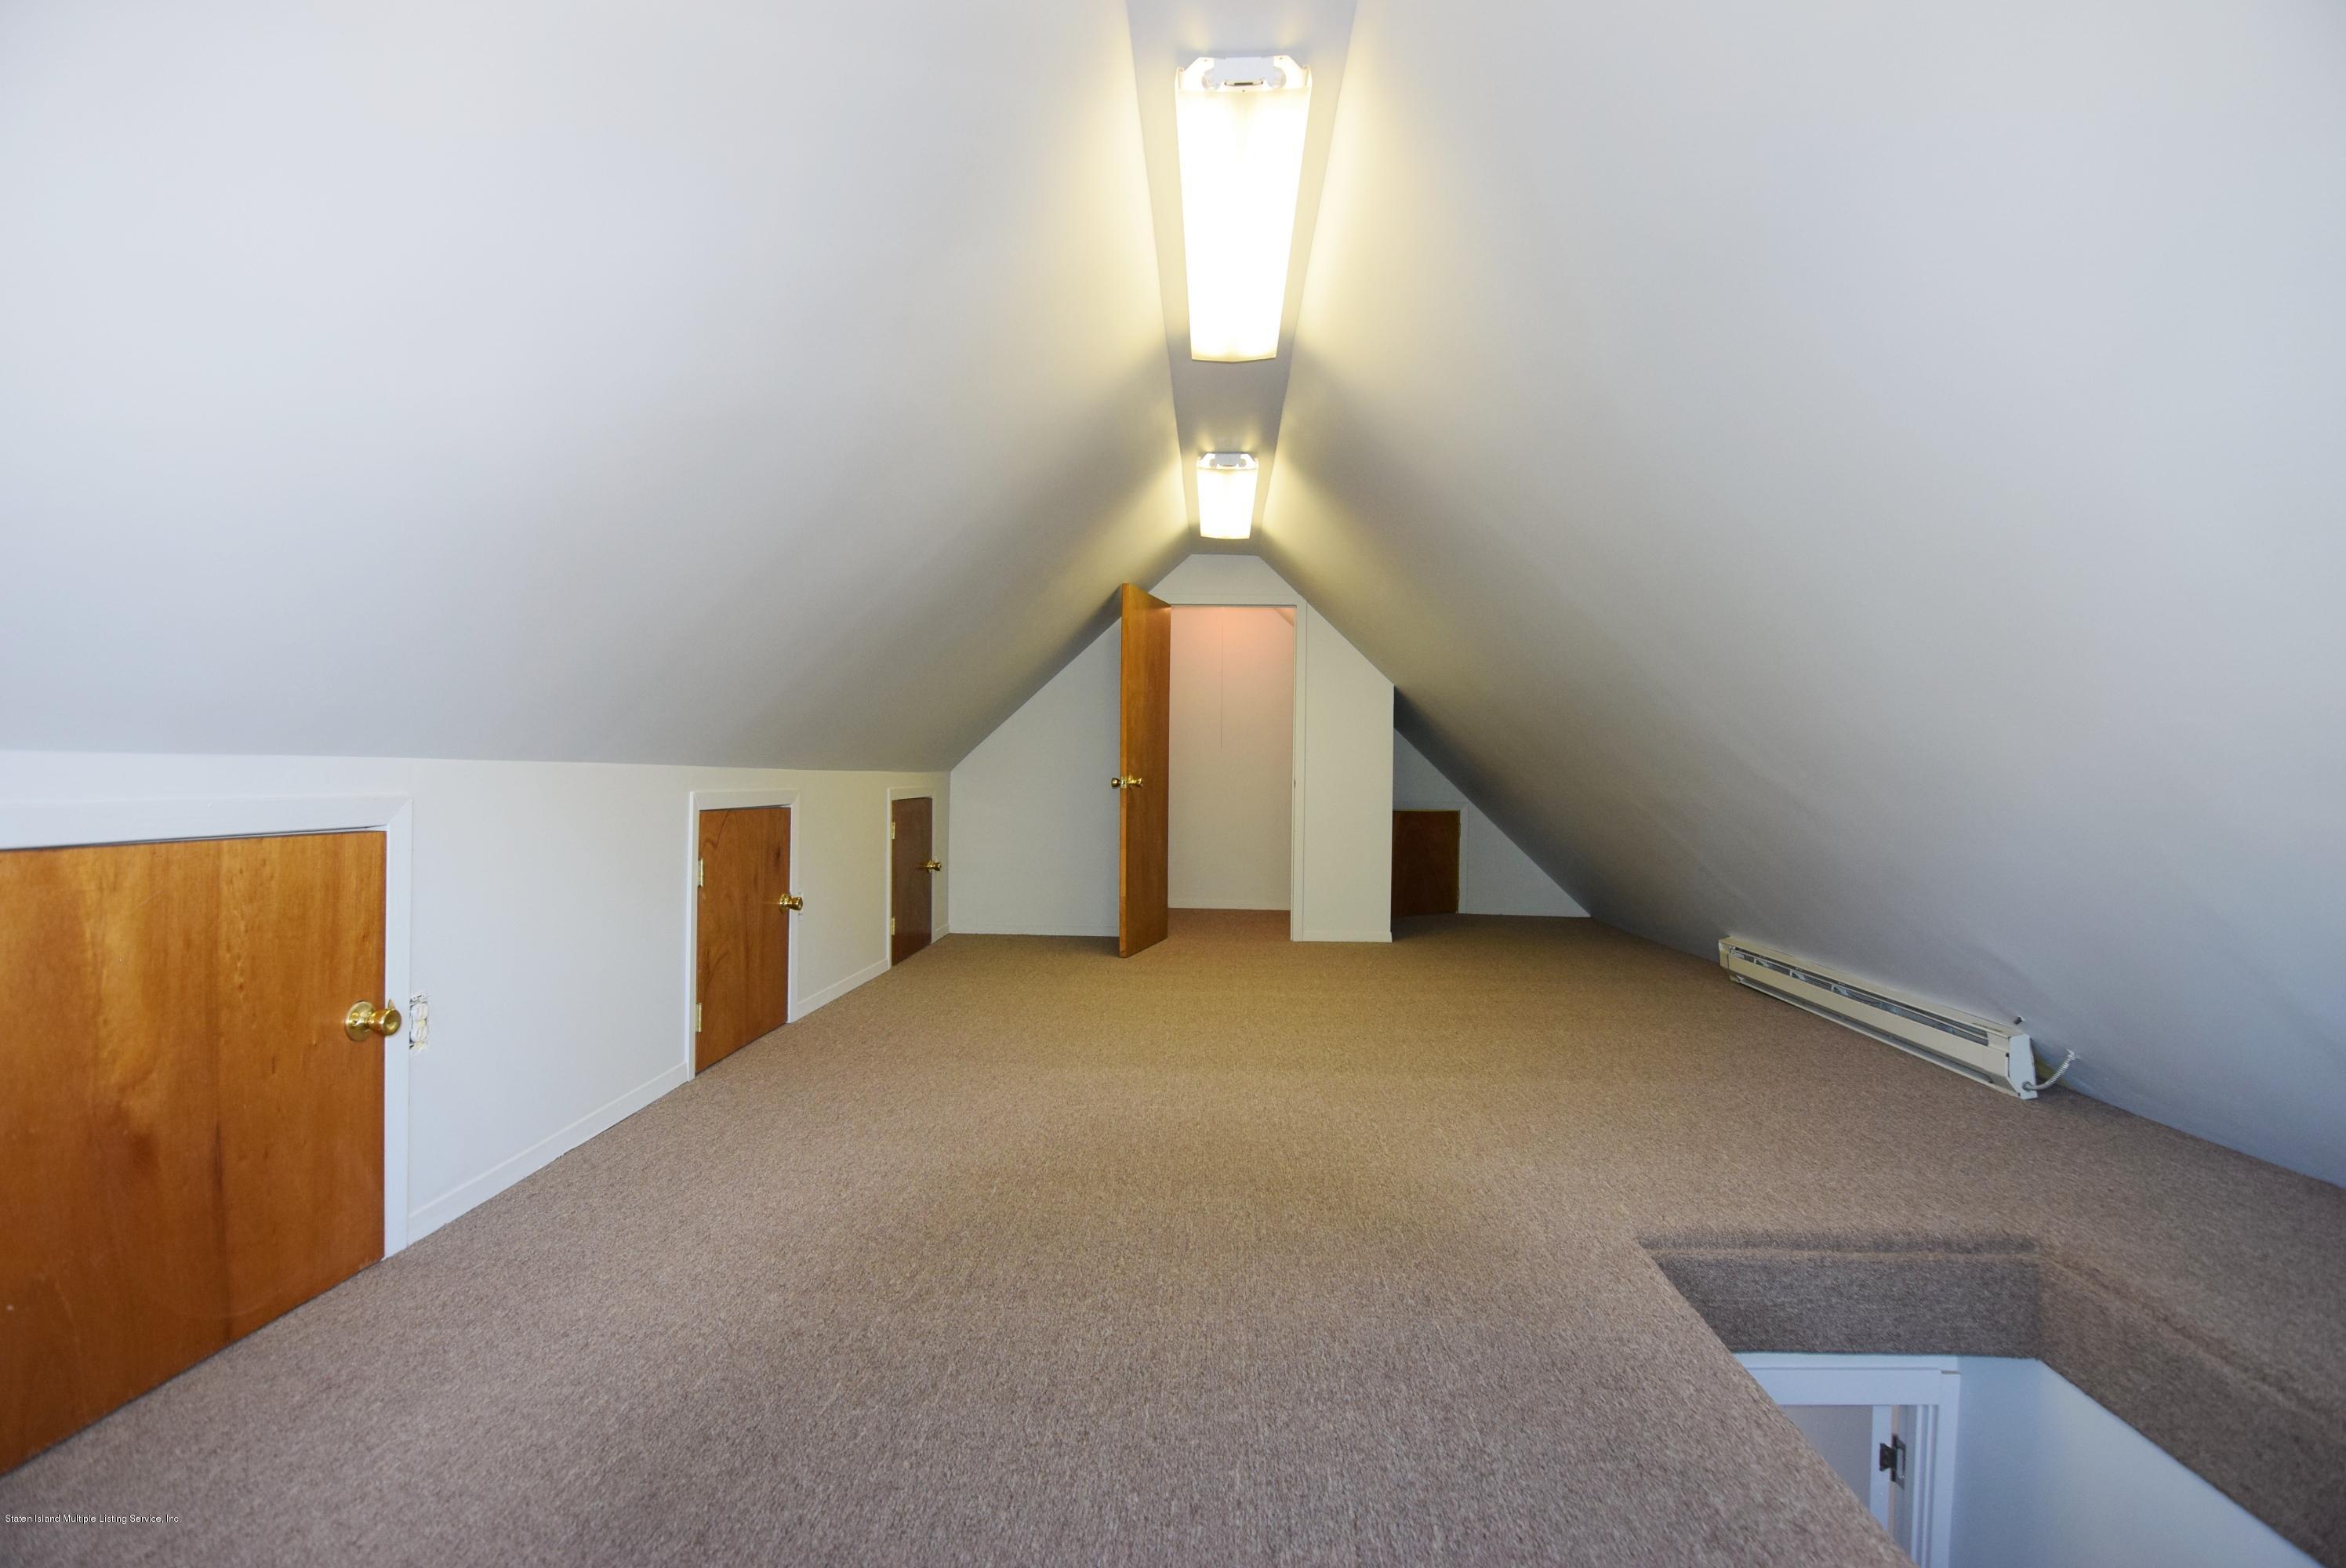 Single Family - Detached 55 Park Avenue  Staten Island, NY 10302, MLS-1128331-31